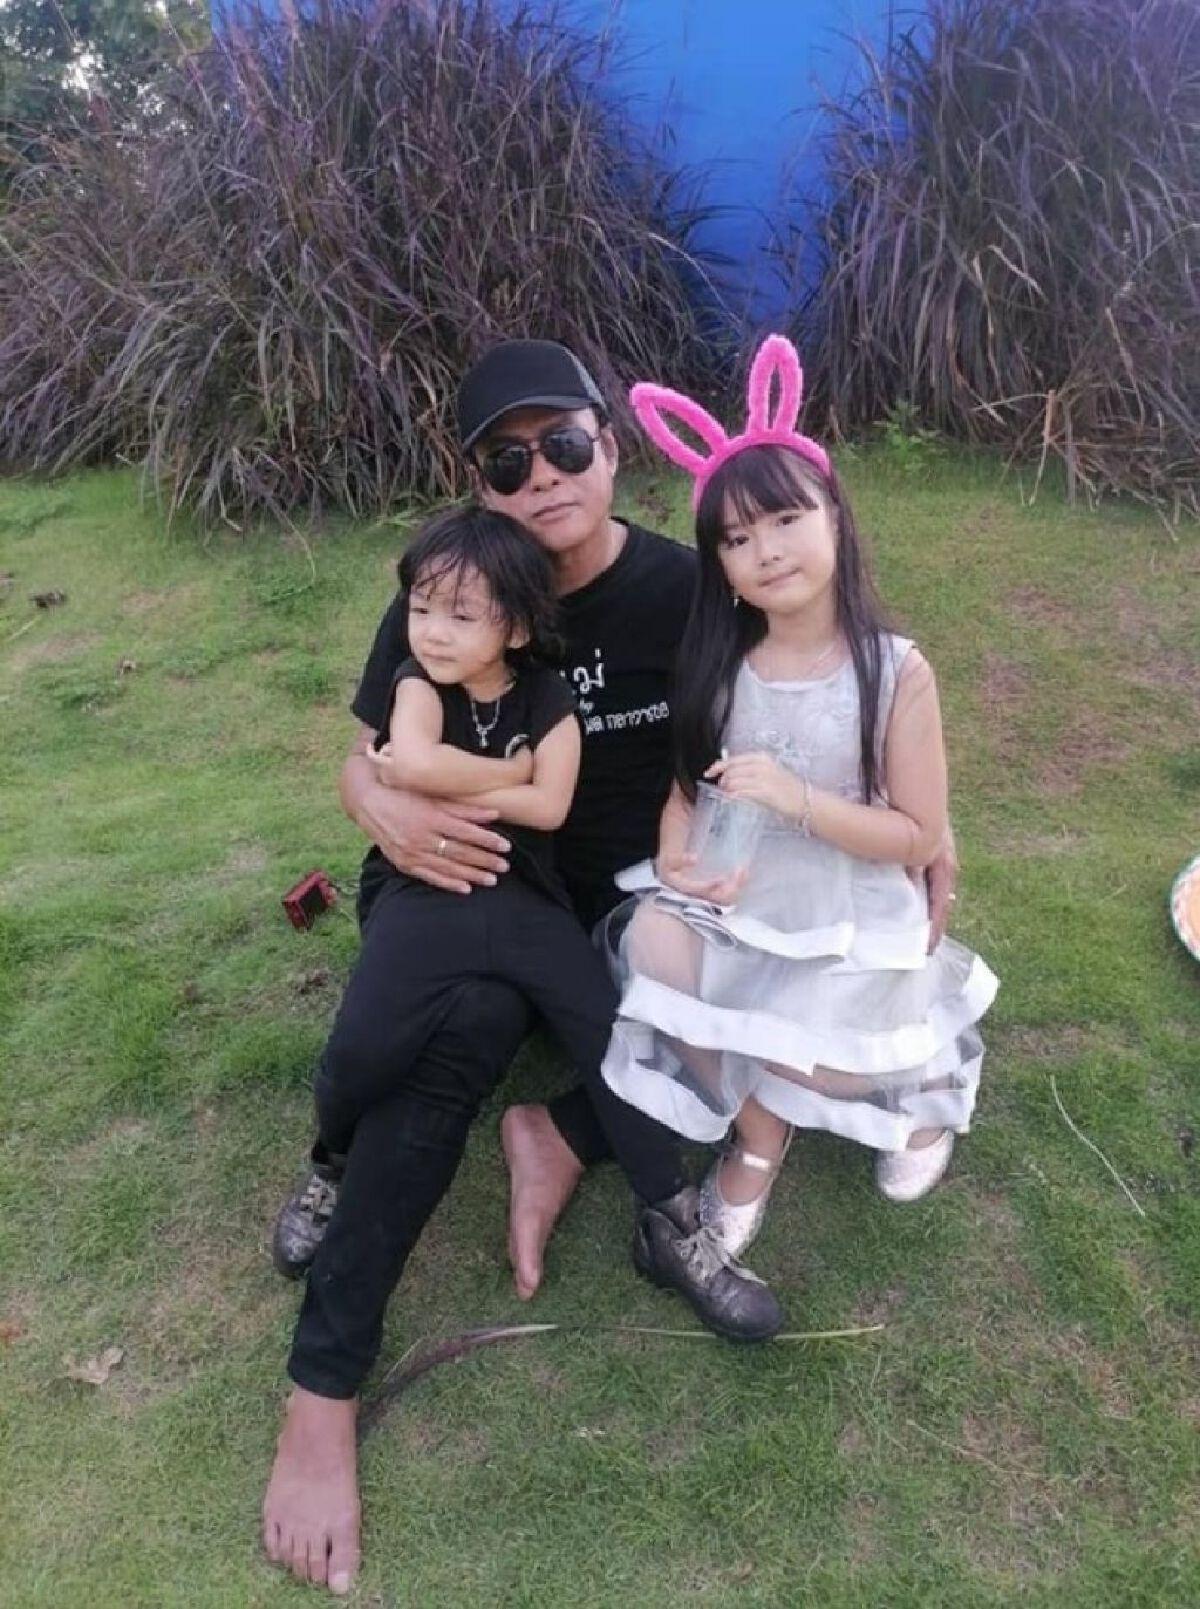 โฉมภรรยาและลูกๆ ของธันวา ราศีธนู